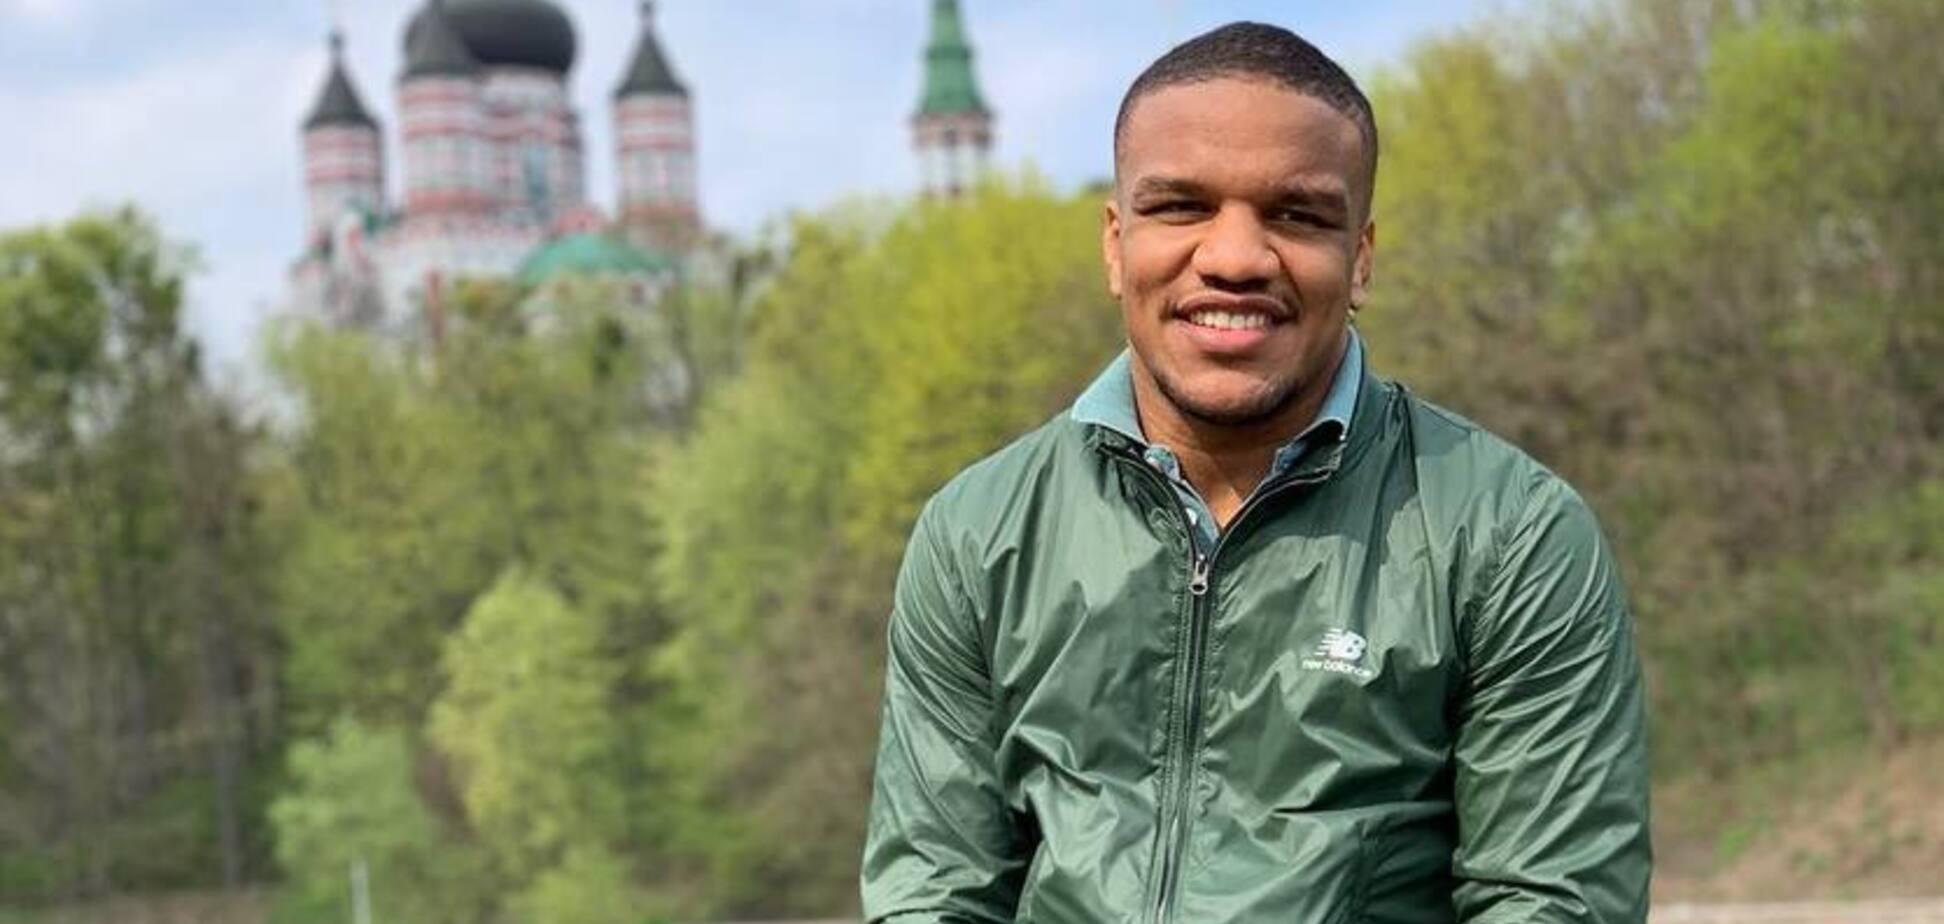 'Гордитесь!' Чемпион мира дал совет украинцам из-за закона о языке